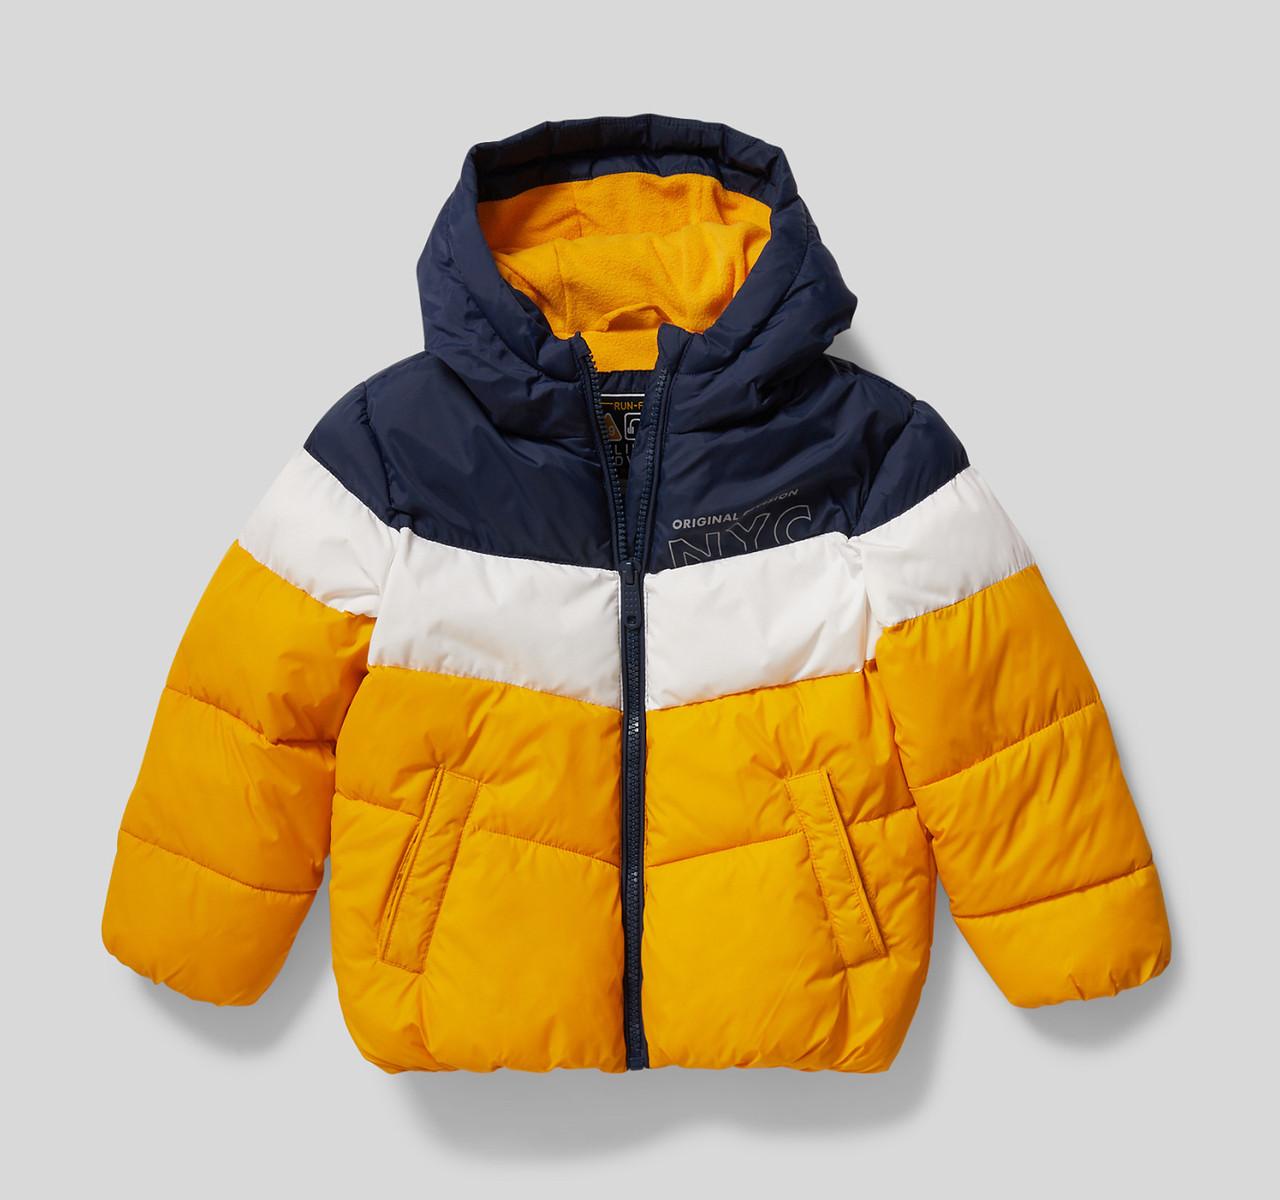 Демисезонная куртка на мальчика C&A Германия Размер 122, 128